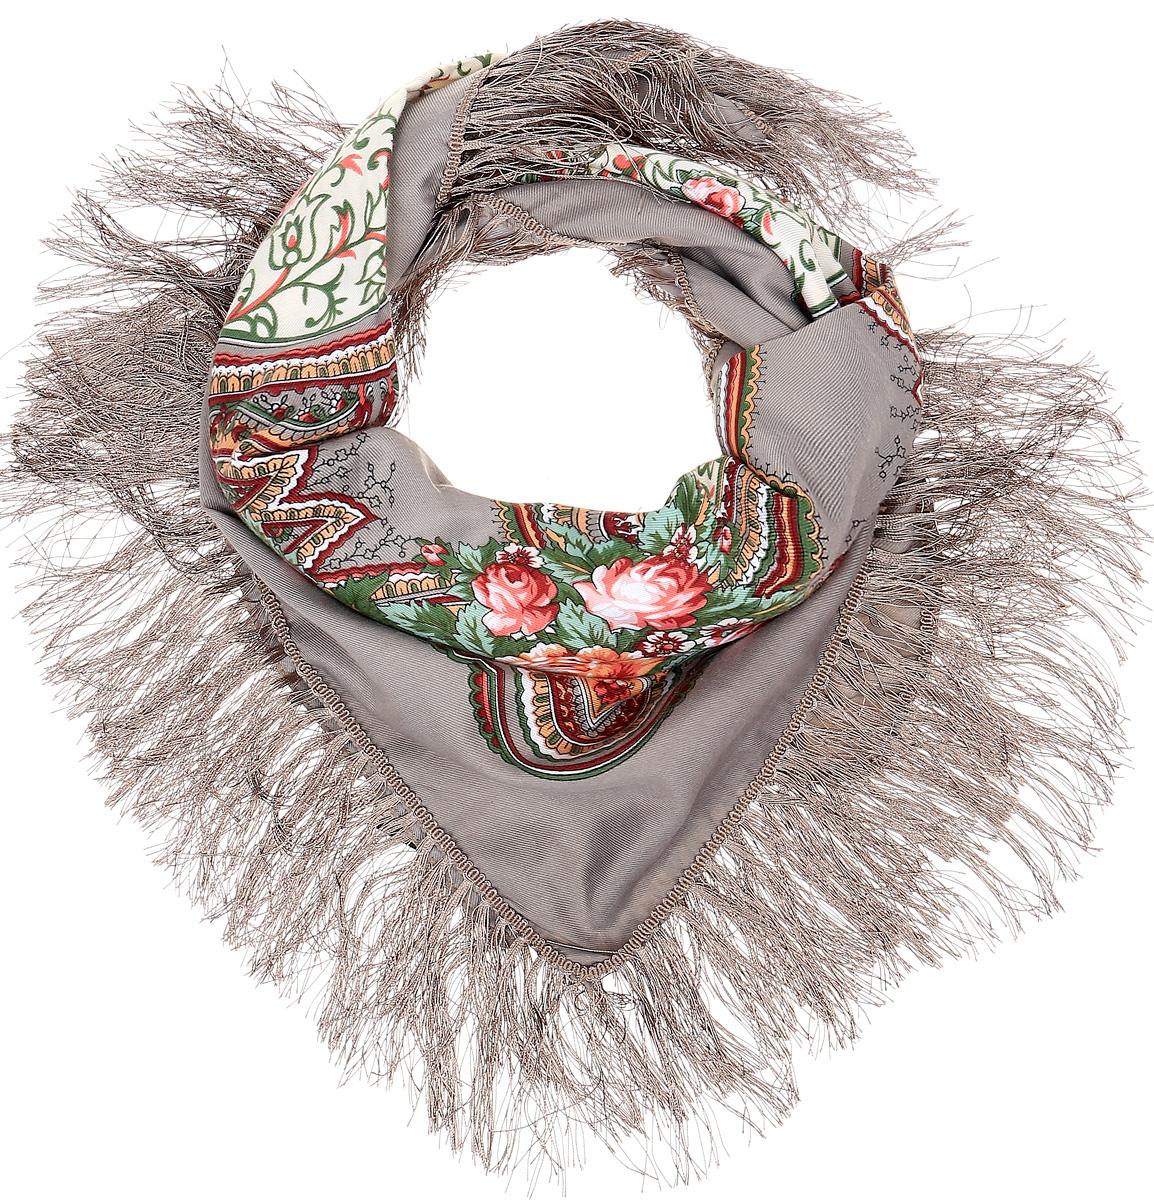 Платок Sophie Ramage, цвет: бежевый. YY-21660-14. Размер 130 см х 130 смYY-21660-14Элегантный платок Sophie Ramage станет достойным завершением вашего образа. Платок изготовлен из модала с добавлением шерсти и полиэстера. Оформлена модель яркими цветочными узорами в стиле хохломы и дополнена стильной бахромой. Платок красиво драпируется, он превосходно дополнит любой наряд и подчеркнет ваш изысканный вкус. Легкий и изящный платок привнесет в ваш образ утонченность и шарм.